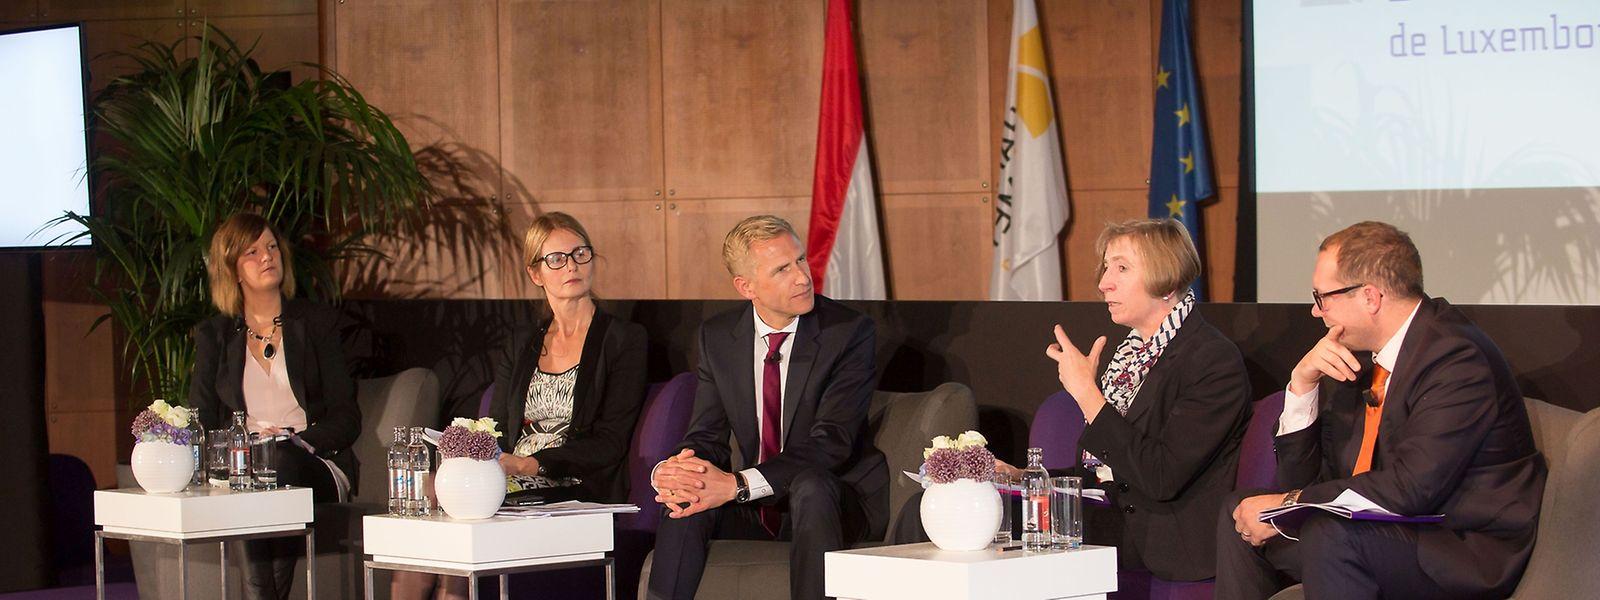 Pour la représentante du ministère de l'Econmie, Marie-Josée Ries, la transposition de la directive européenne devrait s'accompagner de la création d'un médiateur de la consommation